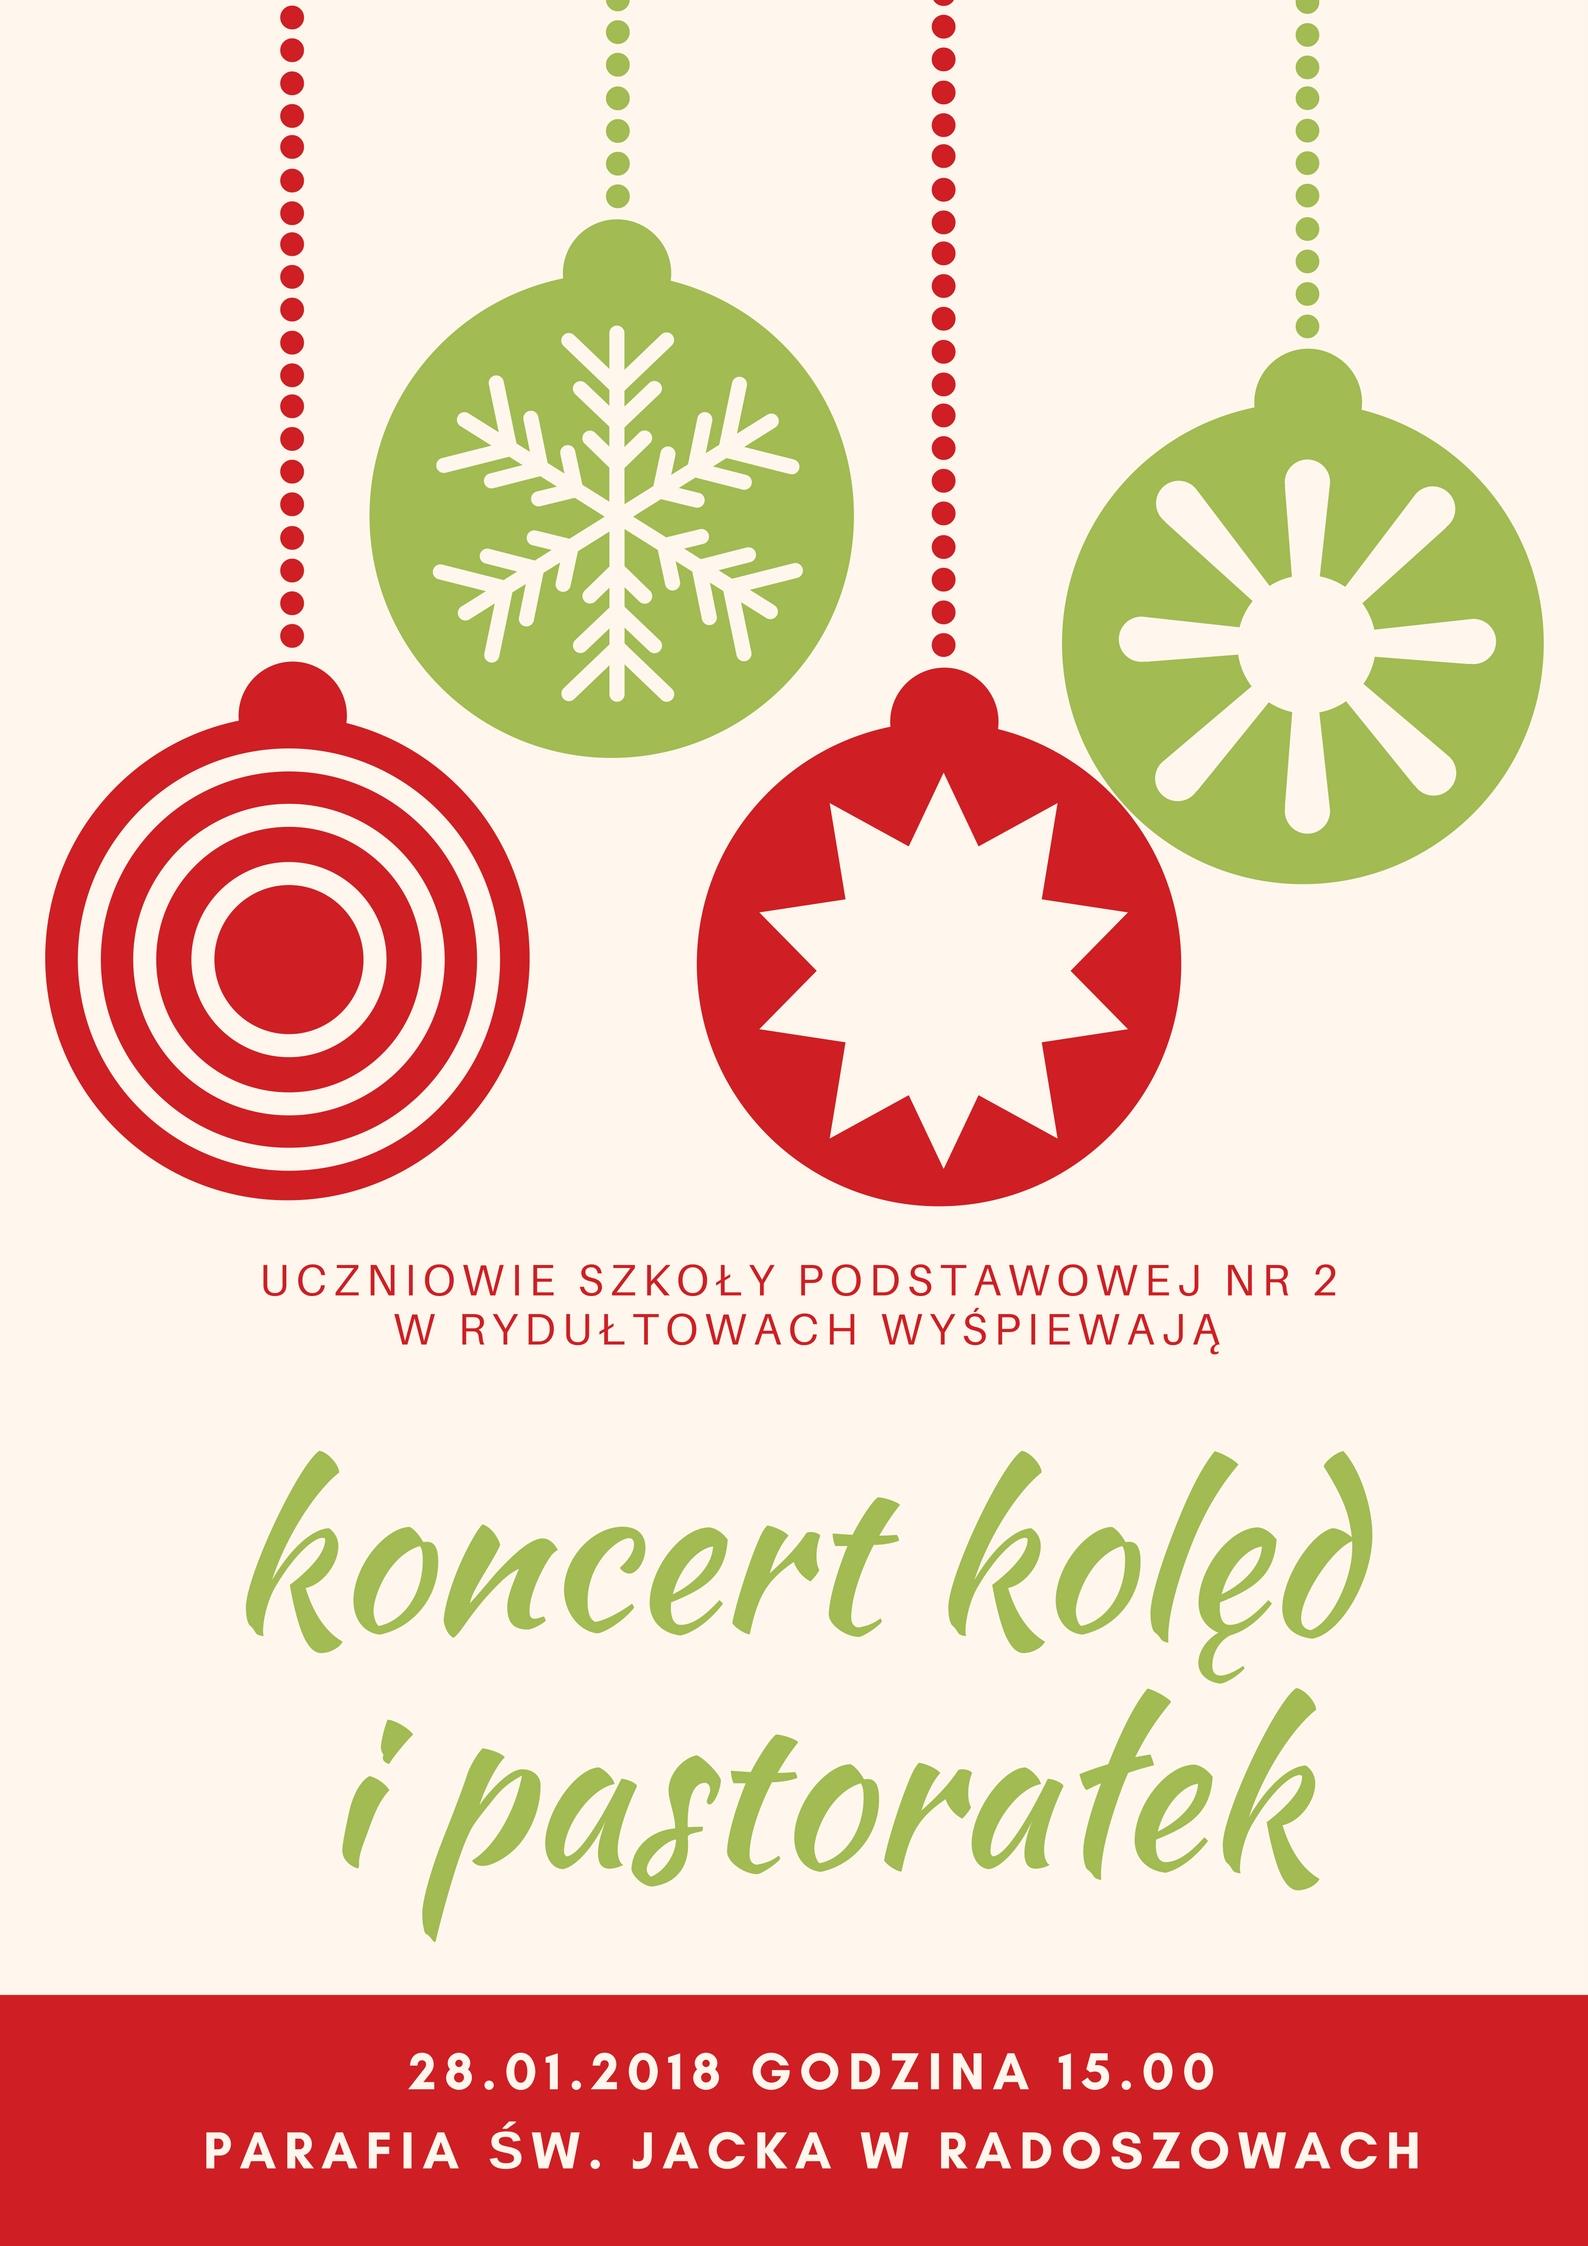 Zaproszenie na koncert kolęd